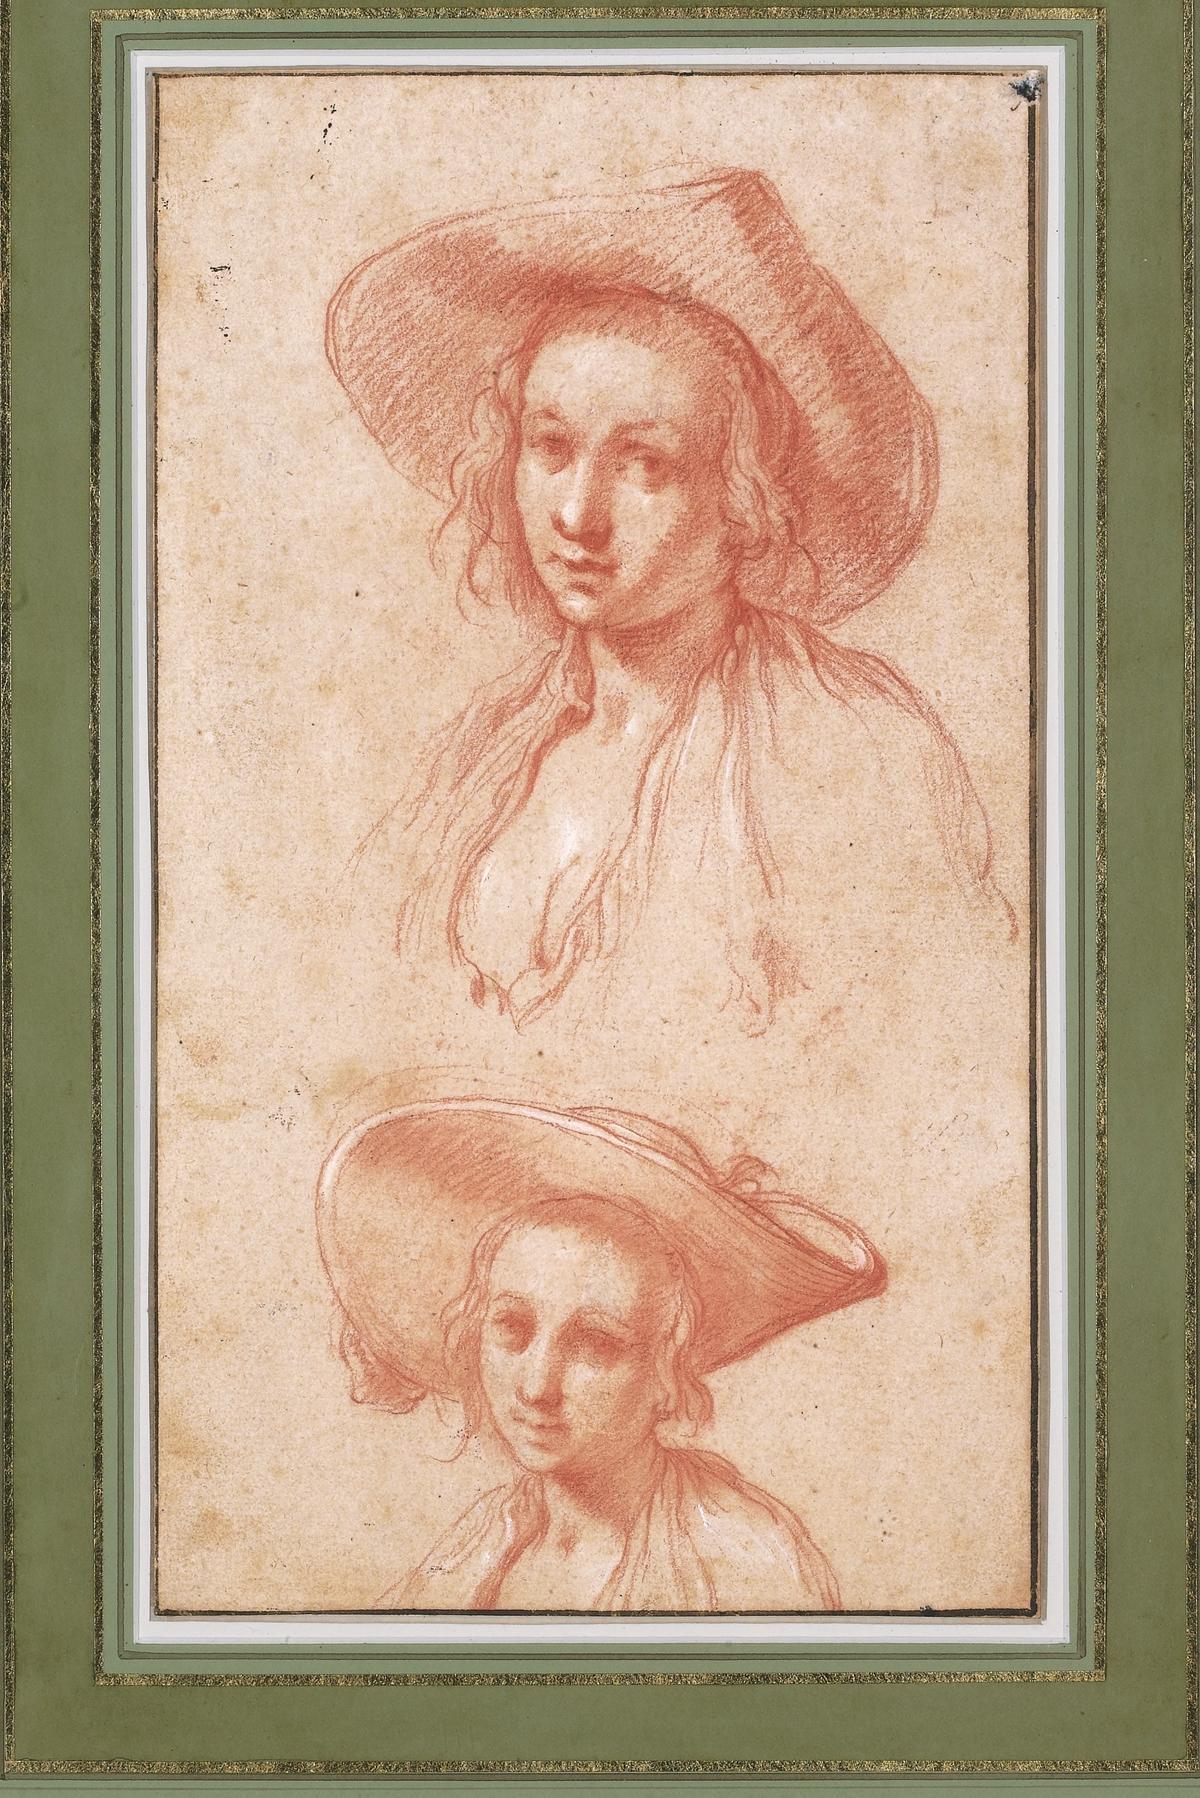 10.Sketch of two women in hats_1